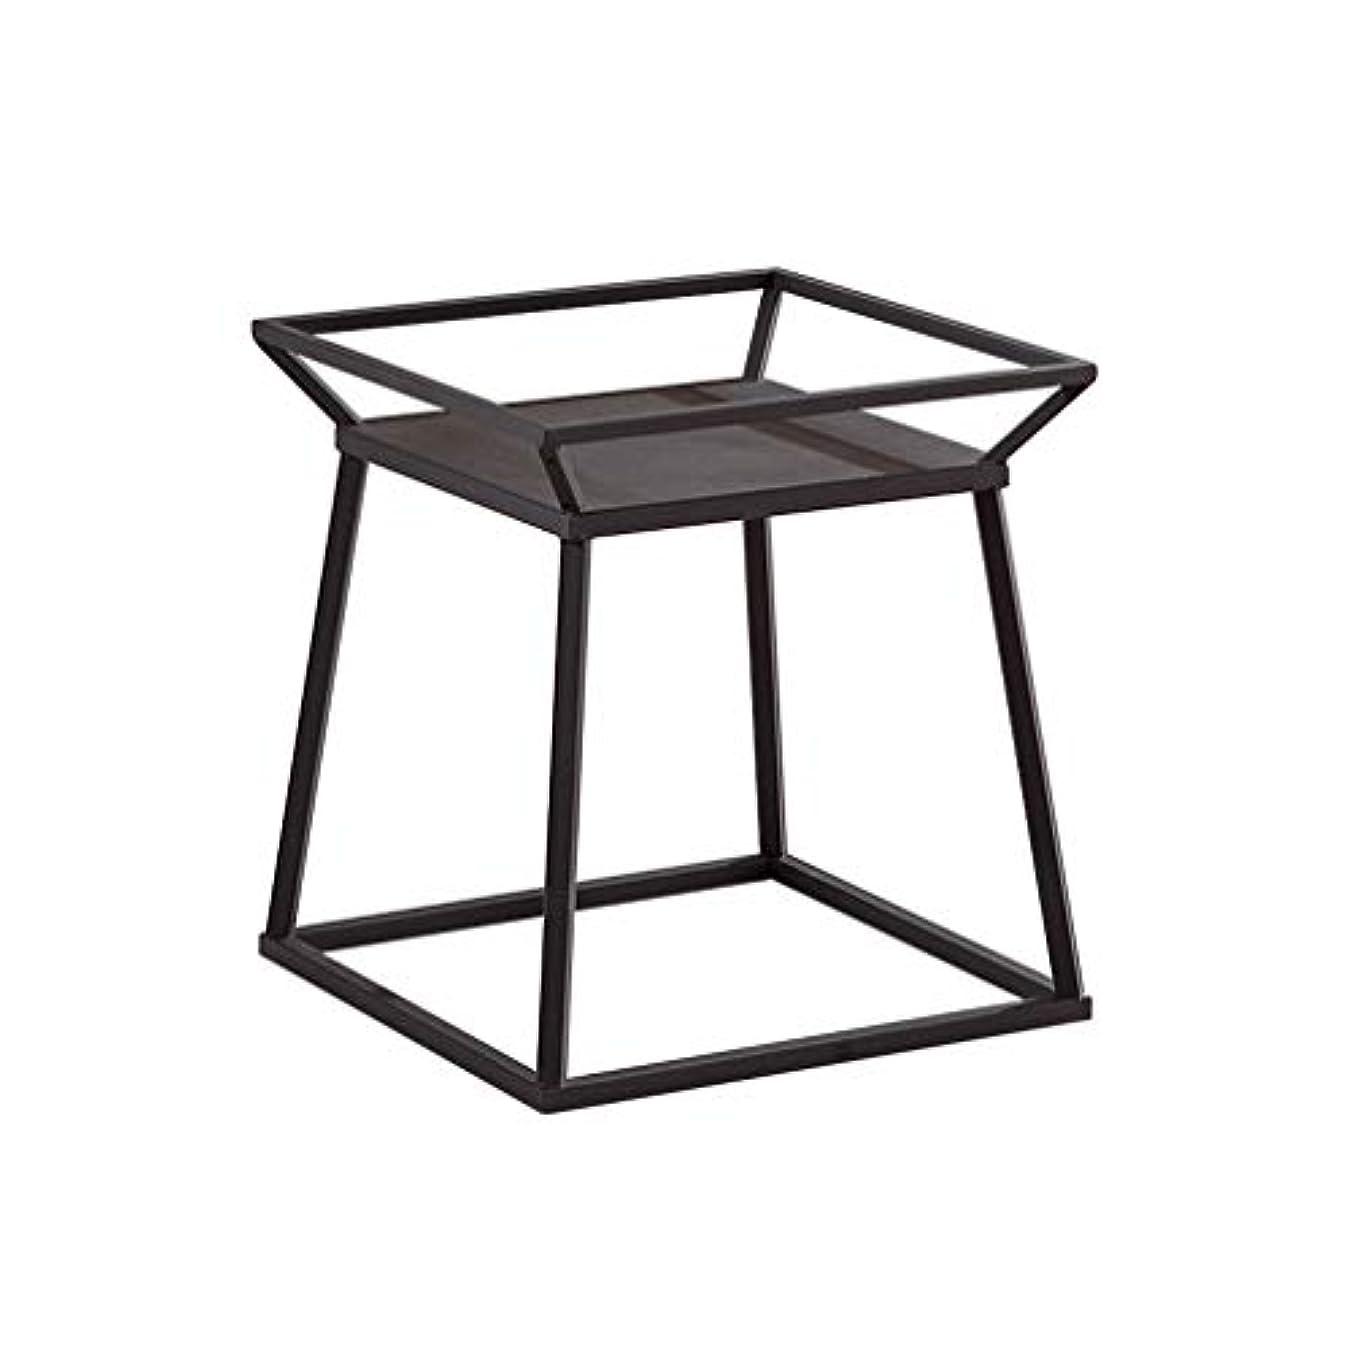 解釈遷移裁定サイドテーブルステンレス鋼モダンコーヒーテーブルノルディックミニエンドテーブルオフィスバーベッドルームリビングルーム 500 * 500 * 550mm